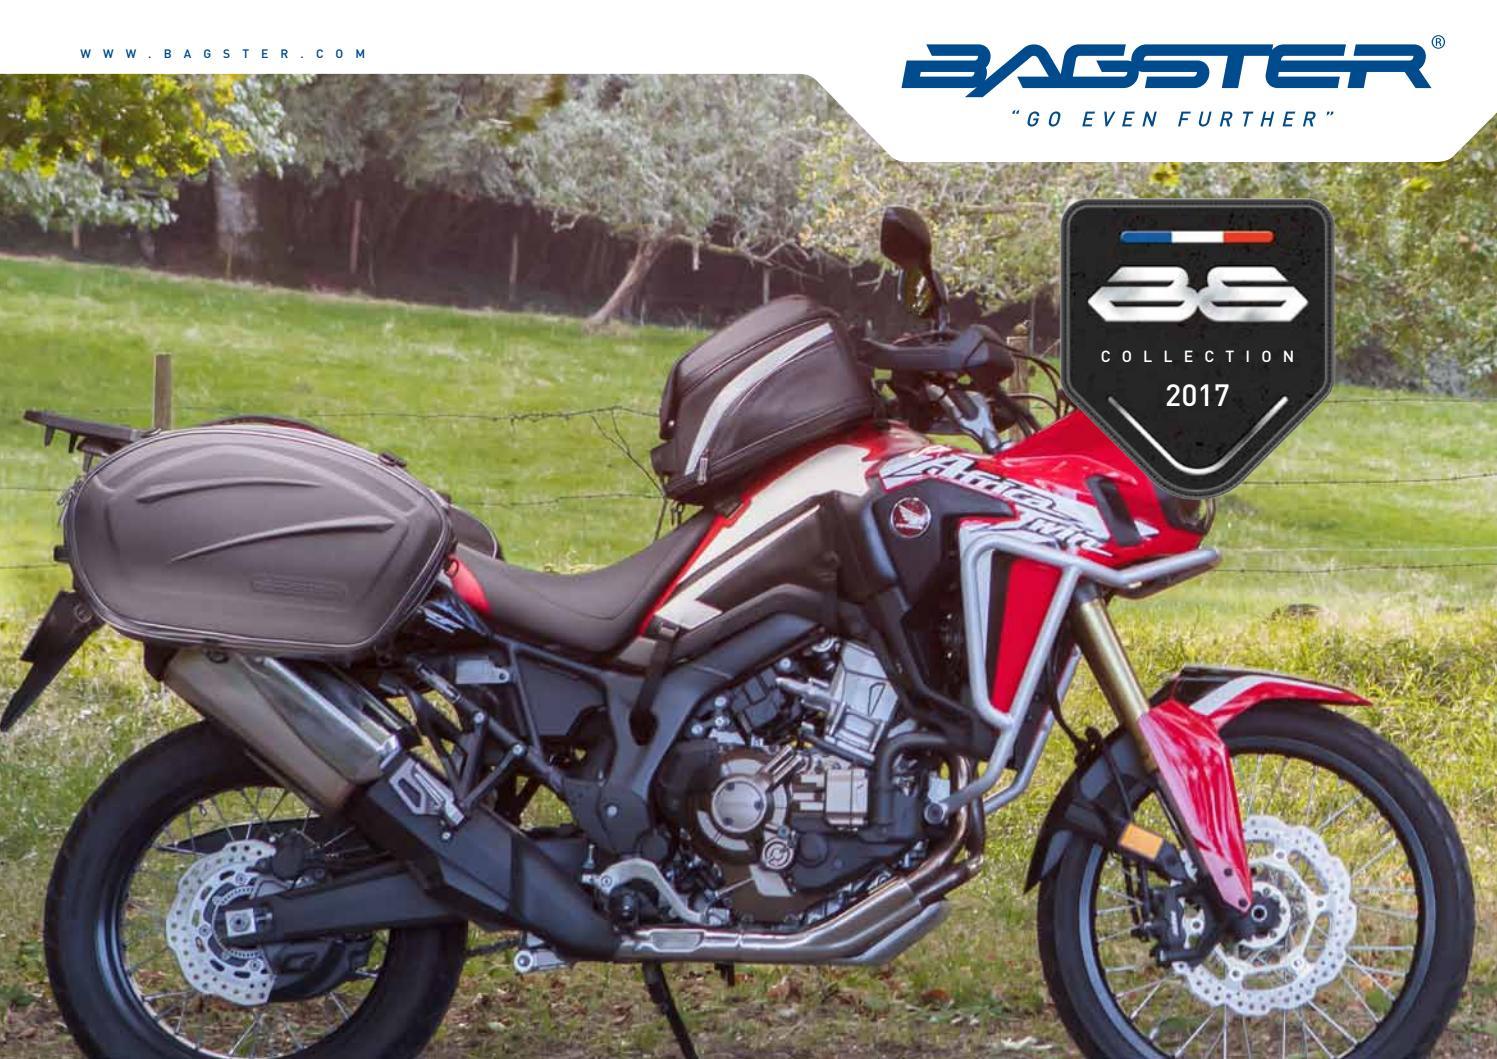 V33 1100 1200 850 R/ückspiegel Spiegel Set Moto Guzzi Breva 750